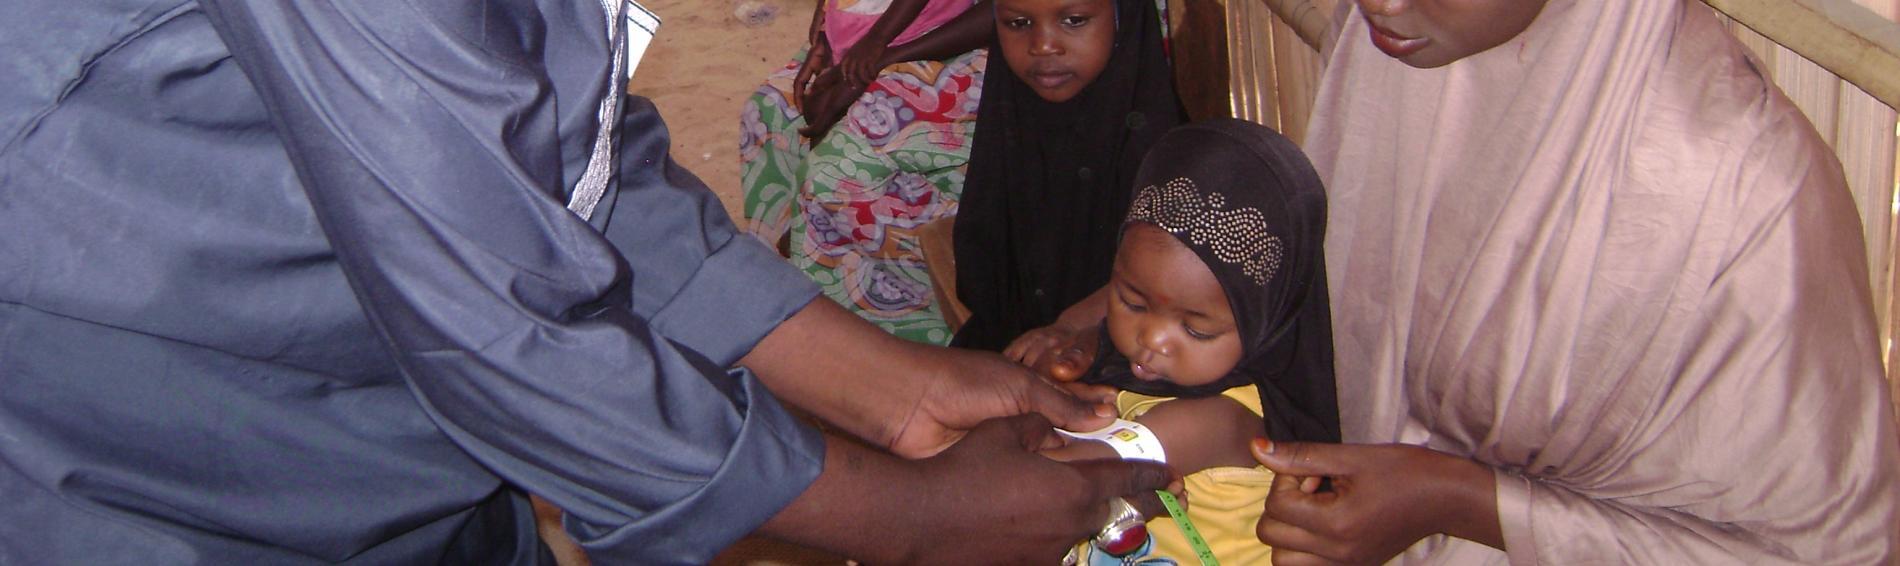 Ein Mitarbeiter von Ärzte der Welt untersucht ein nigerianisches Kind.